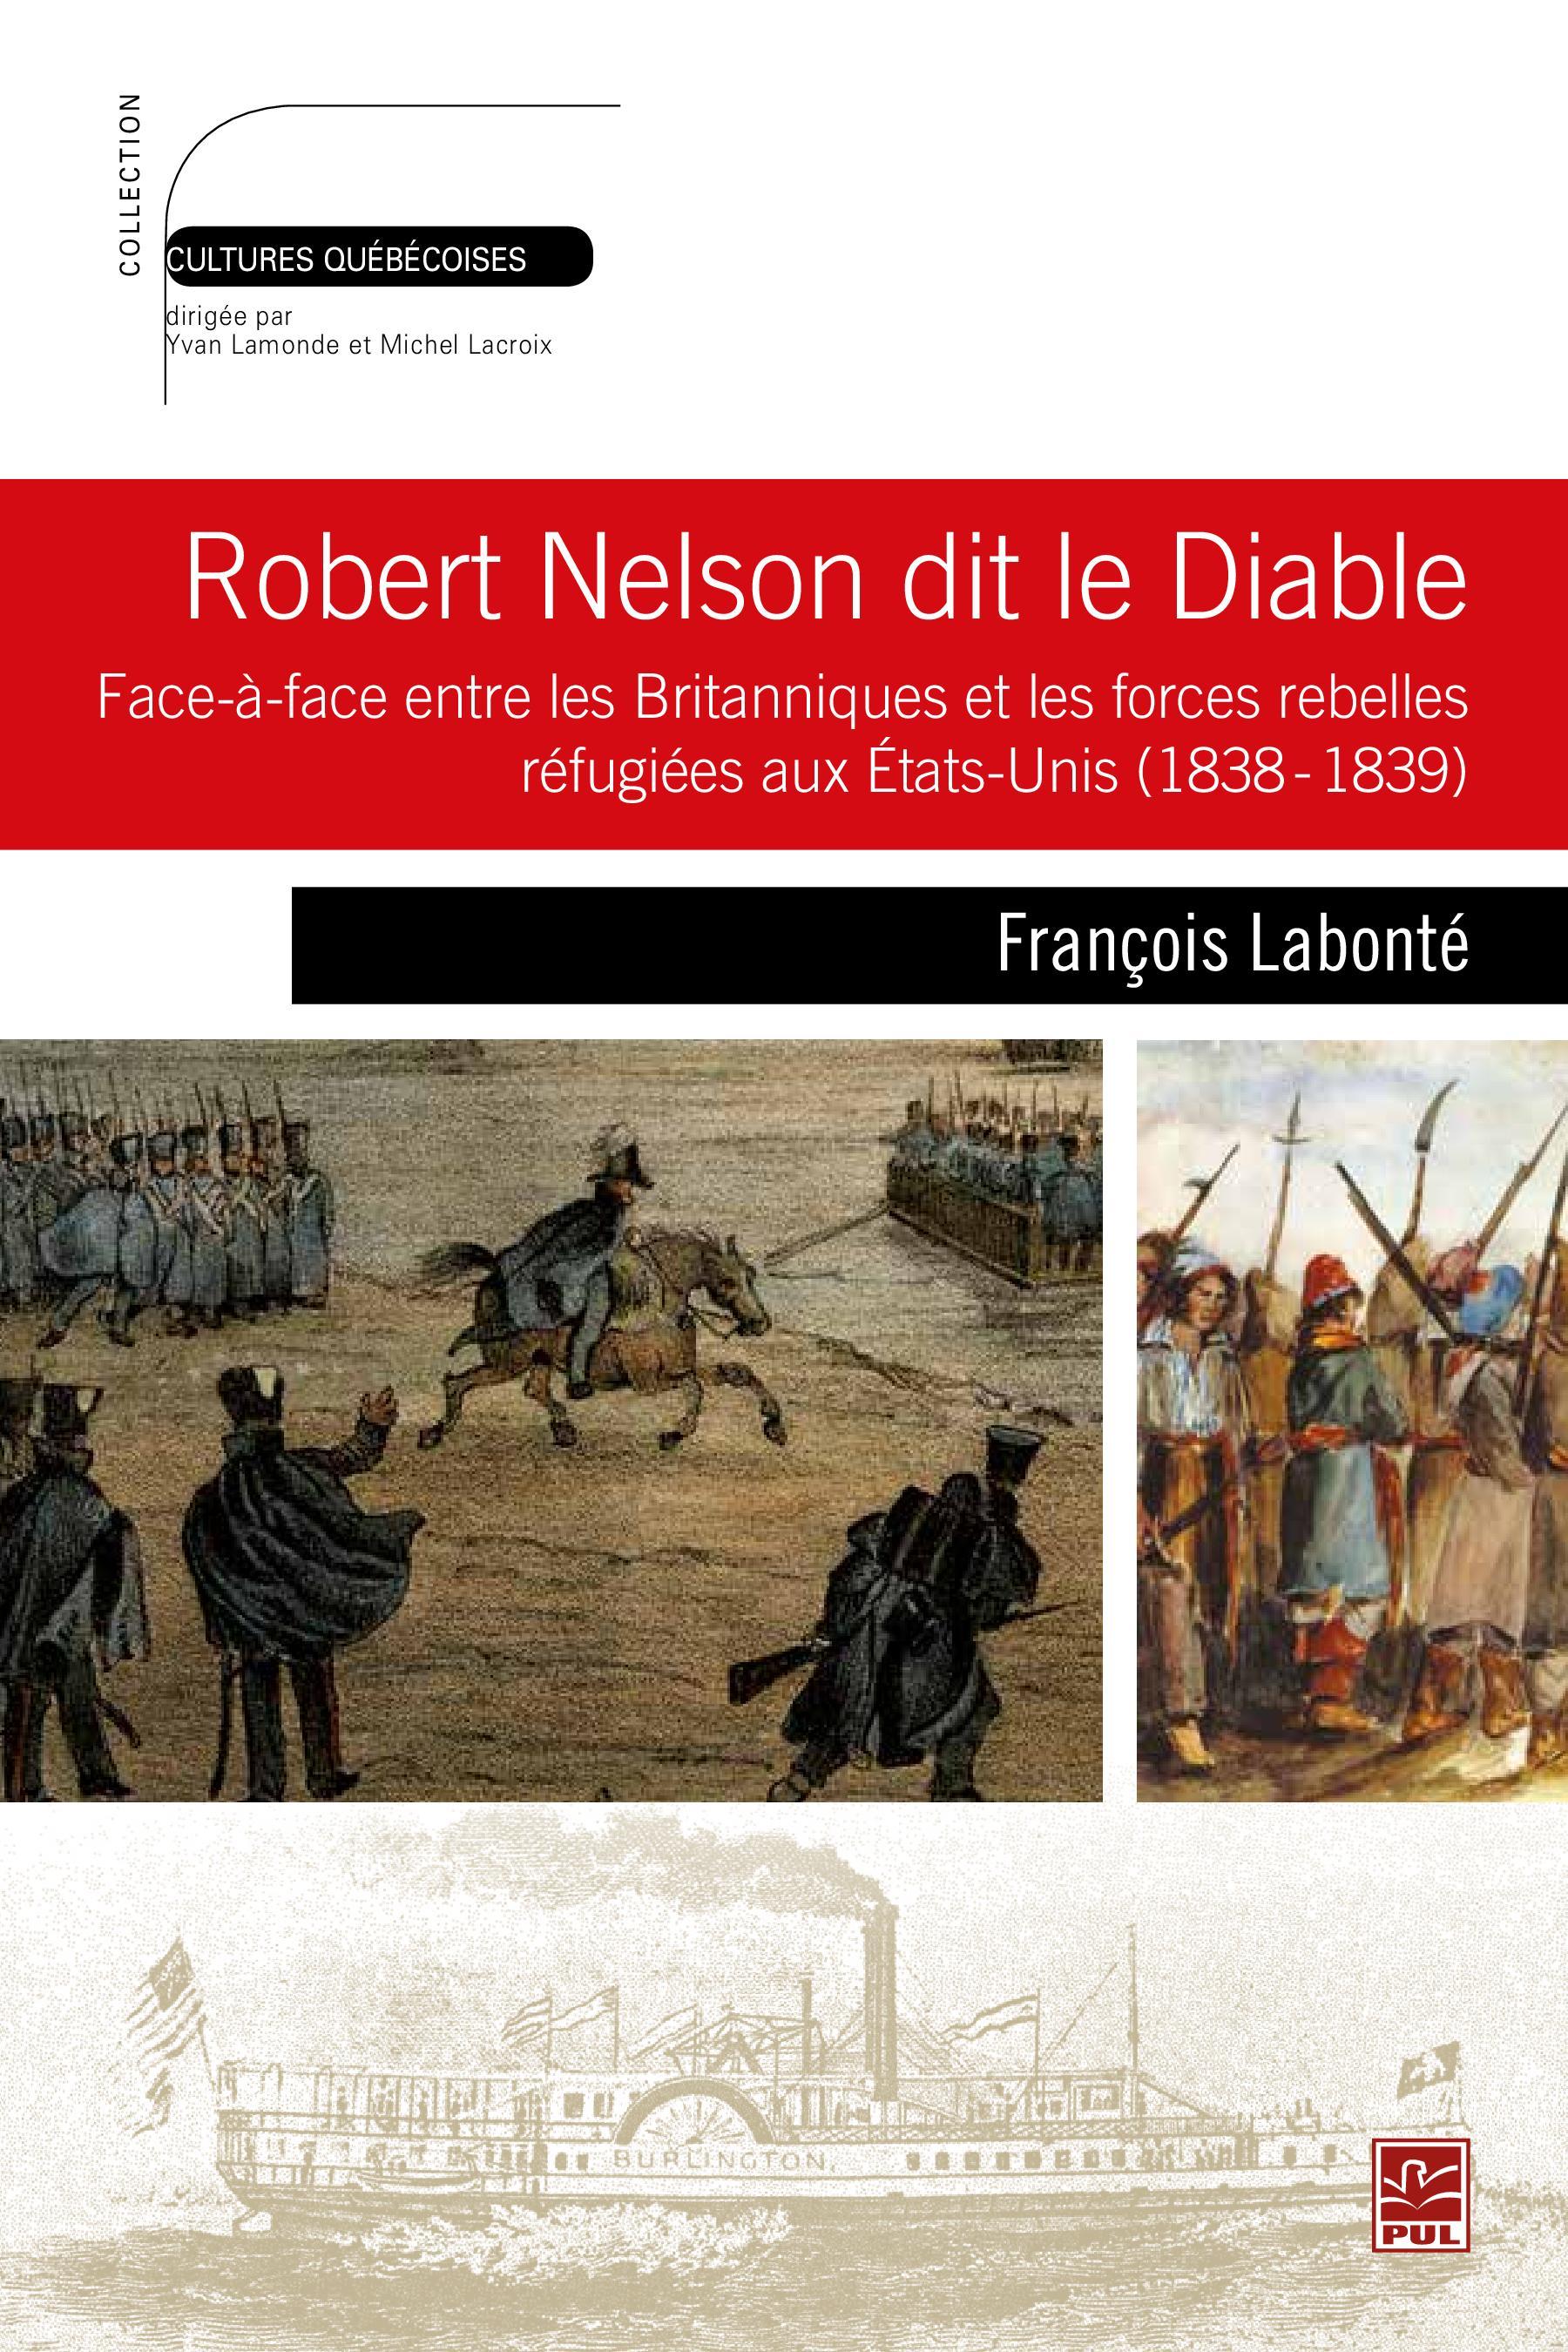 Robert Nelson dit le Diable : Face-à-face entre les Britanniques et les forces rebelles réfugiées...